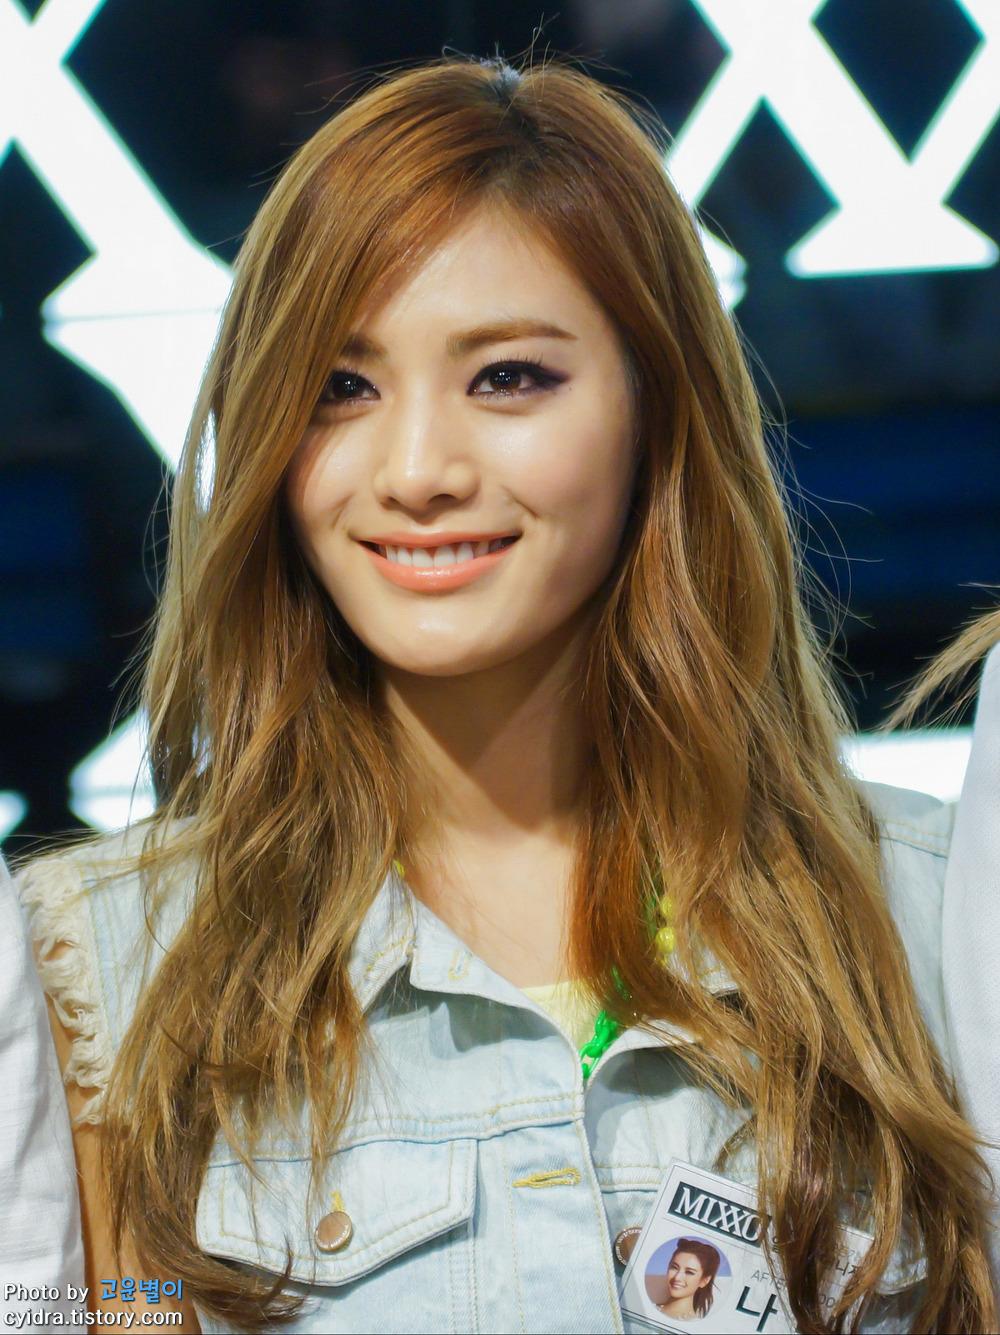 韓国人 美女画像 K-POP ★2014年世界で最も美しい顔1位AFTERSCHOOL・ナナ★一重美人韓国K・P…